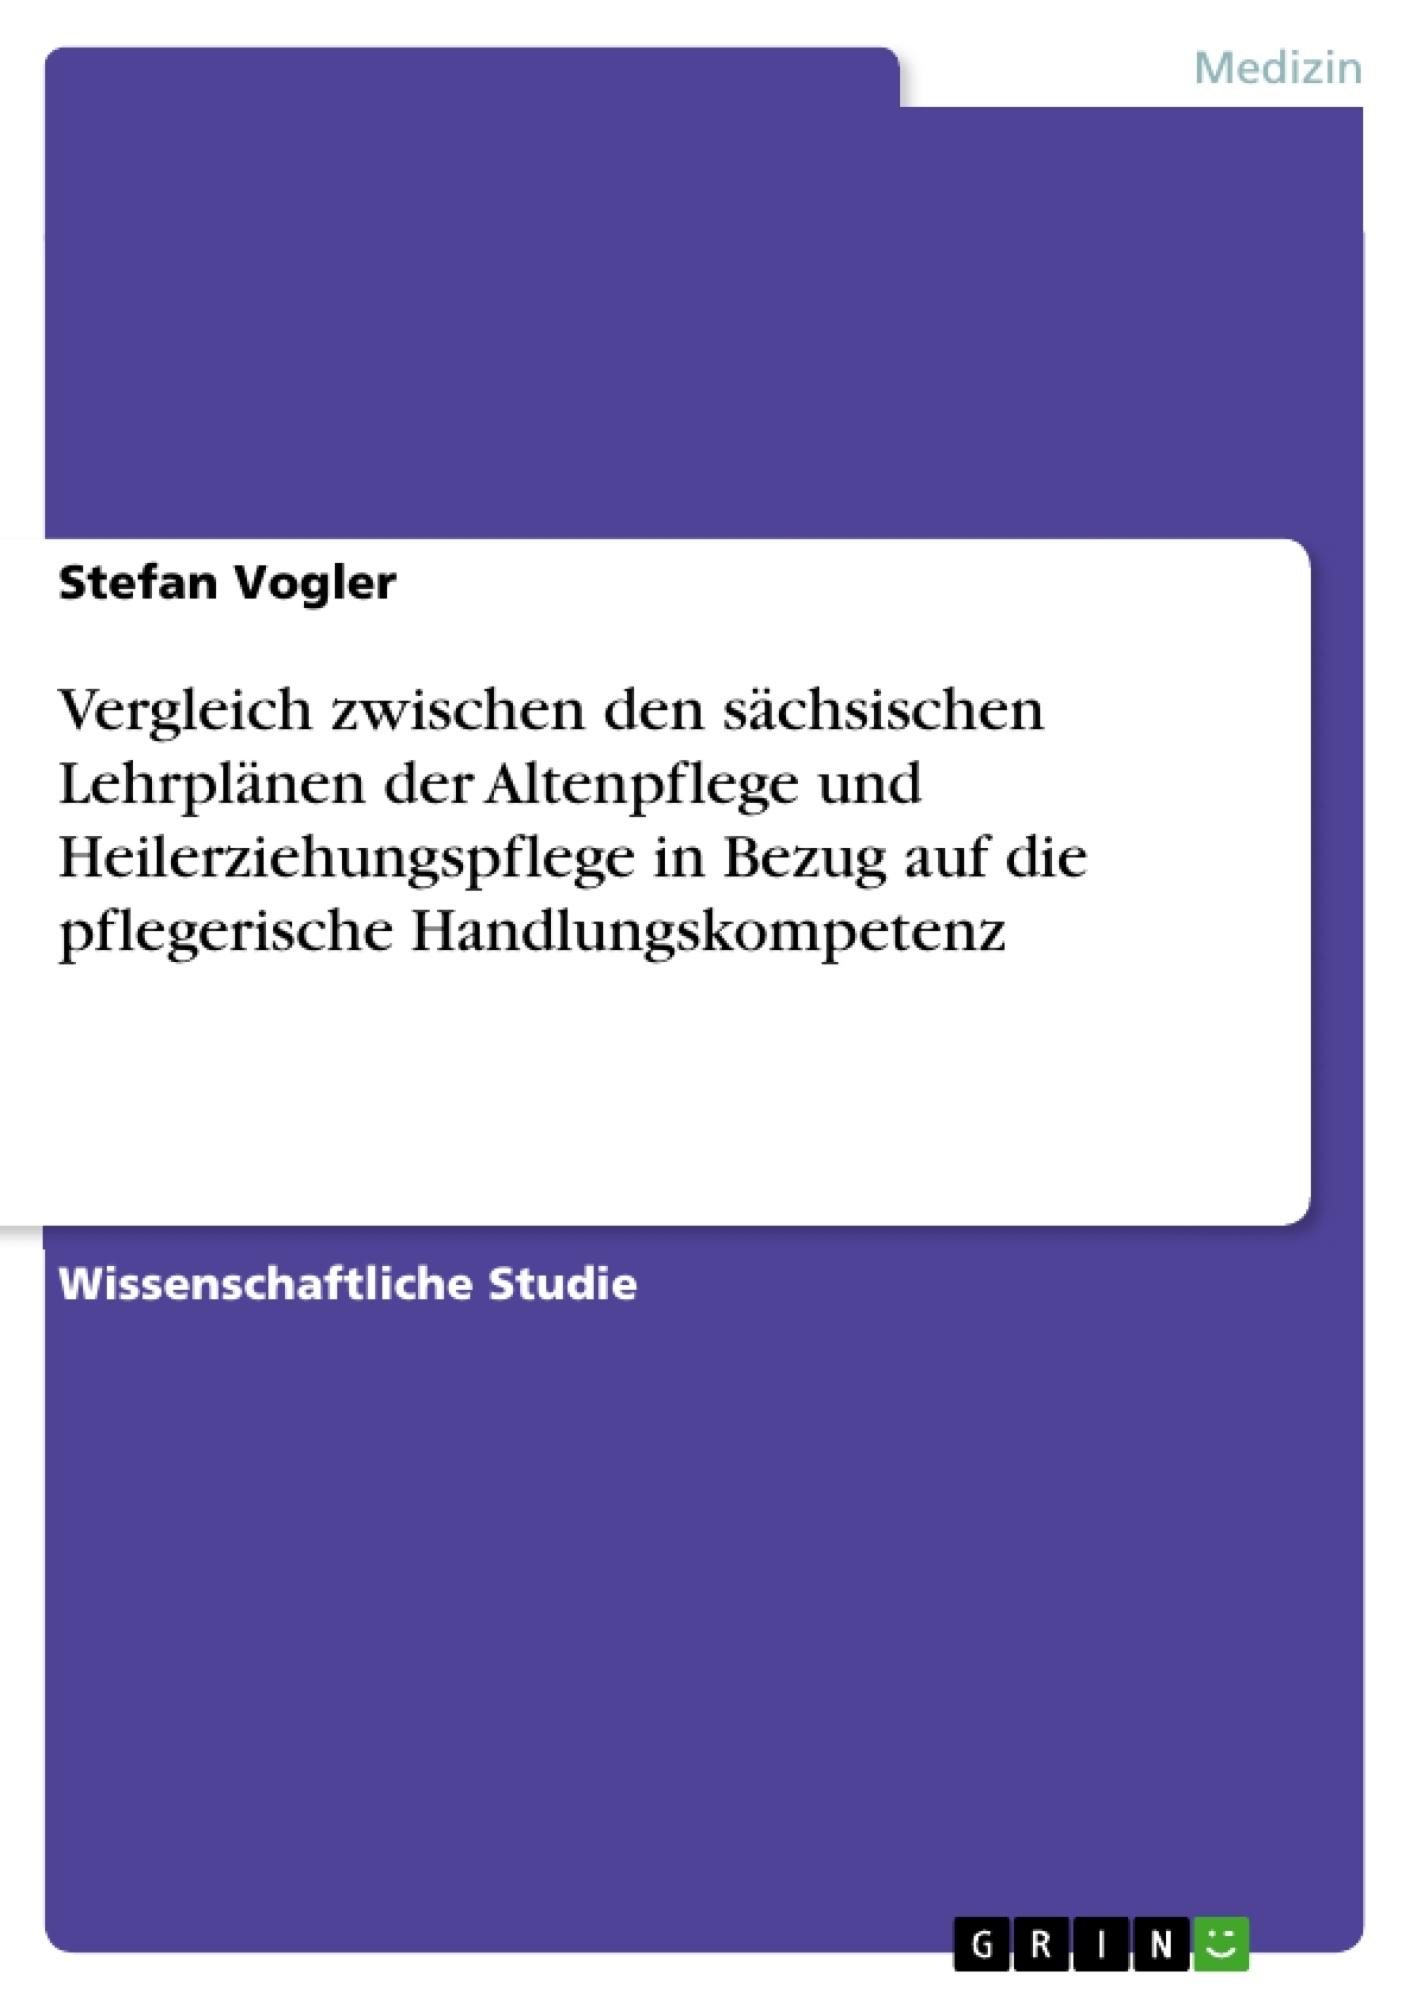 Titel: Vergleich zwischen den sächsischen Lehrplänen der Altenpflege und Heilerziehungspflege in Bezug auf die pflegerische Handlungskompetenz